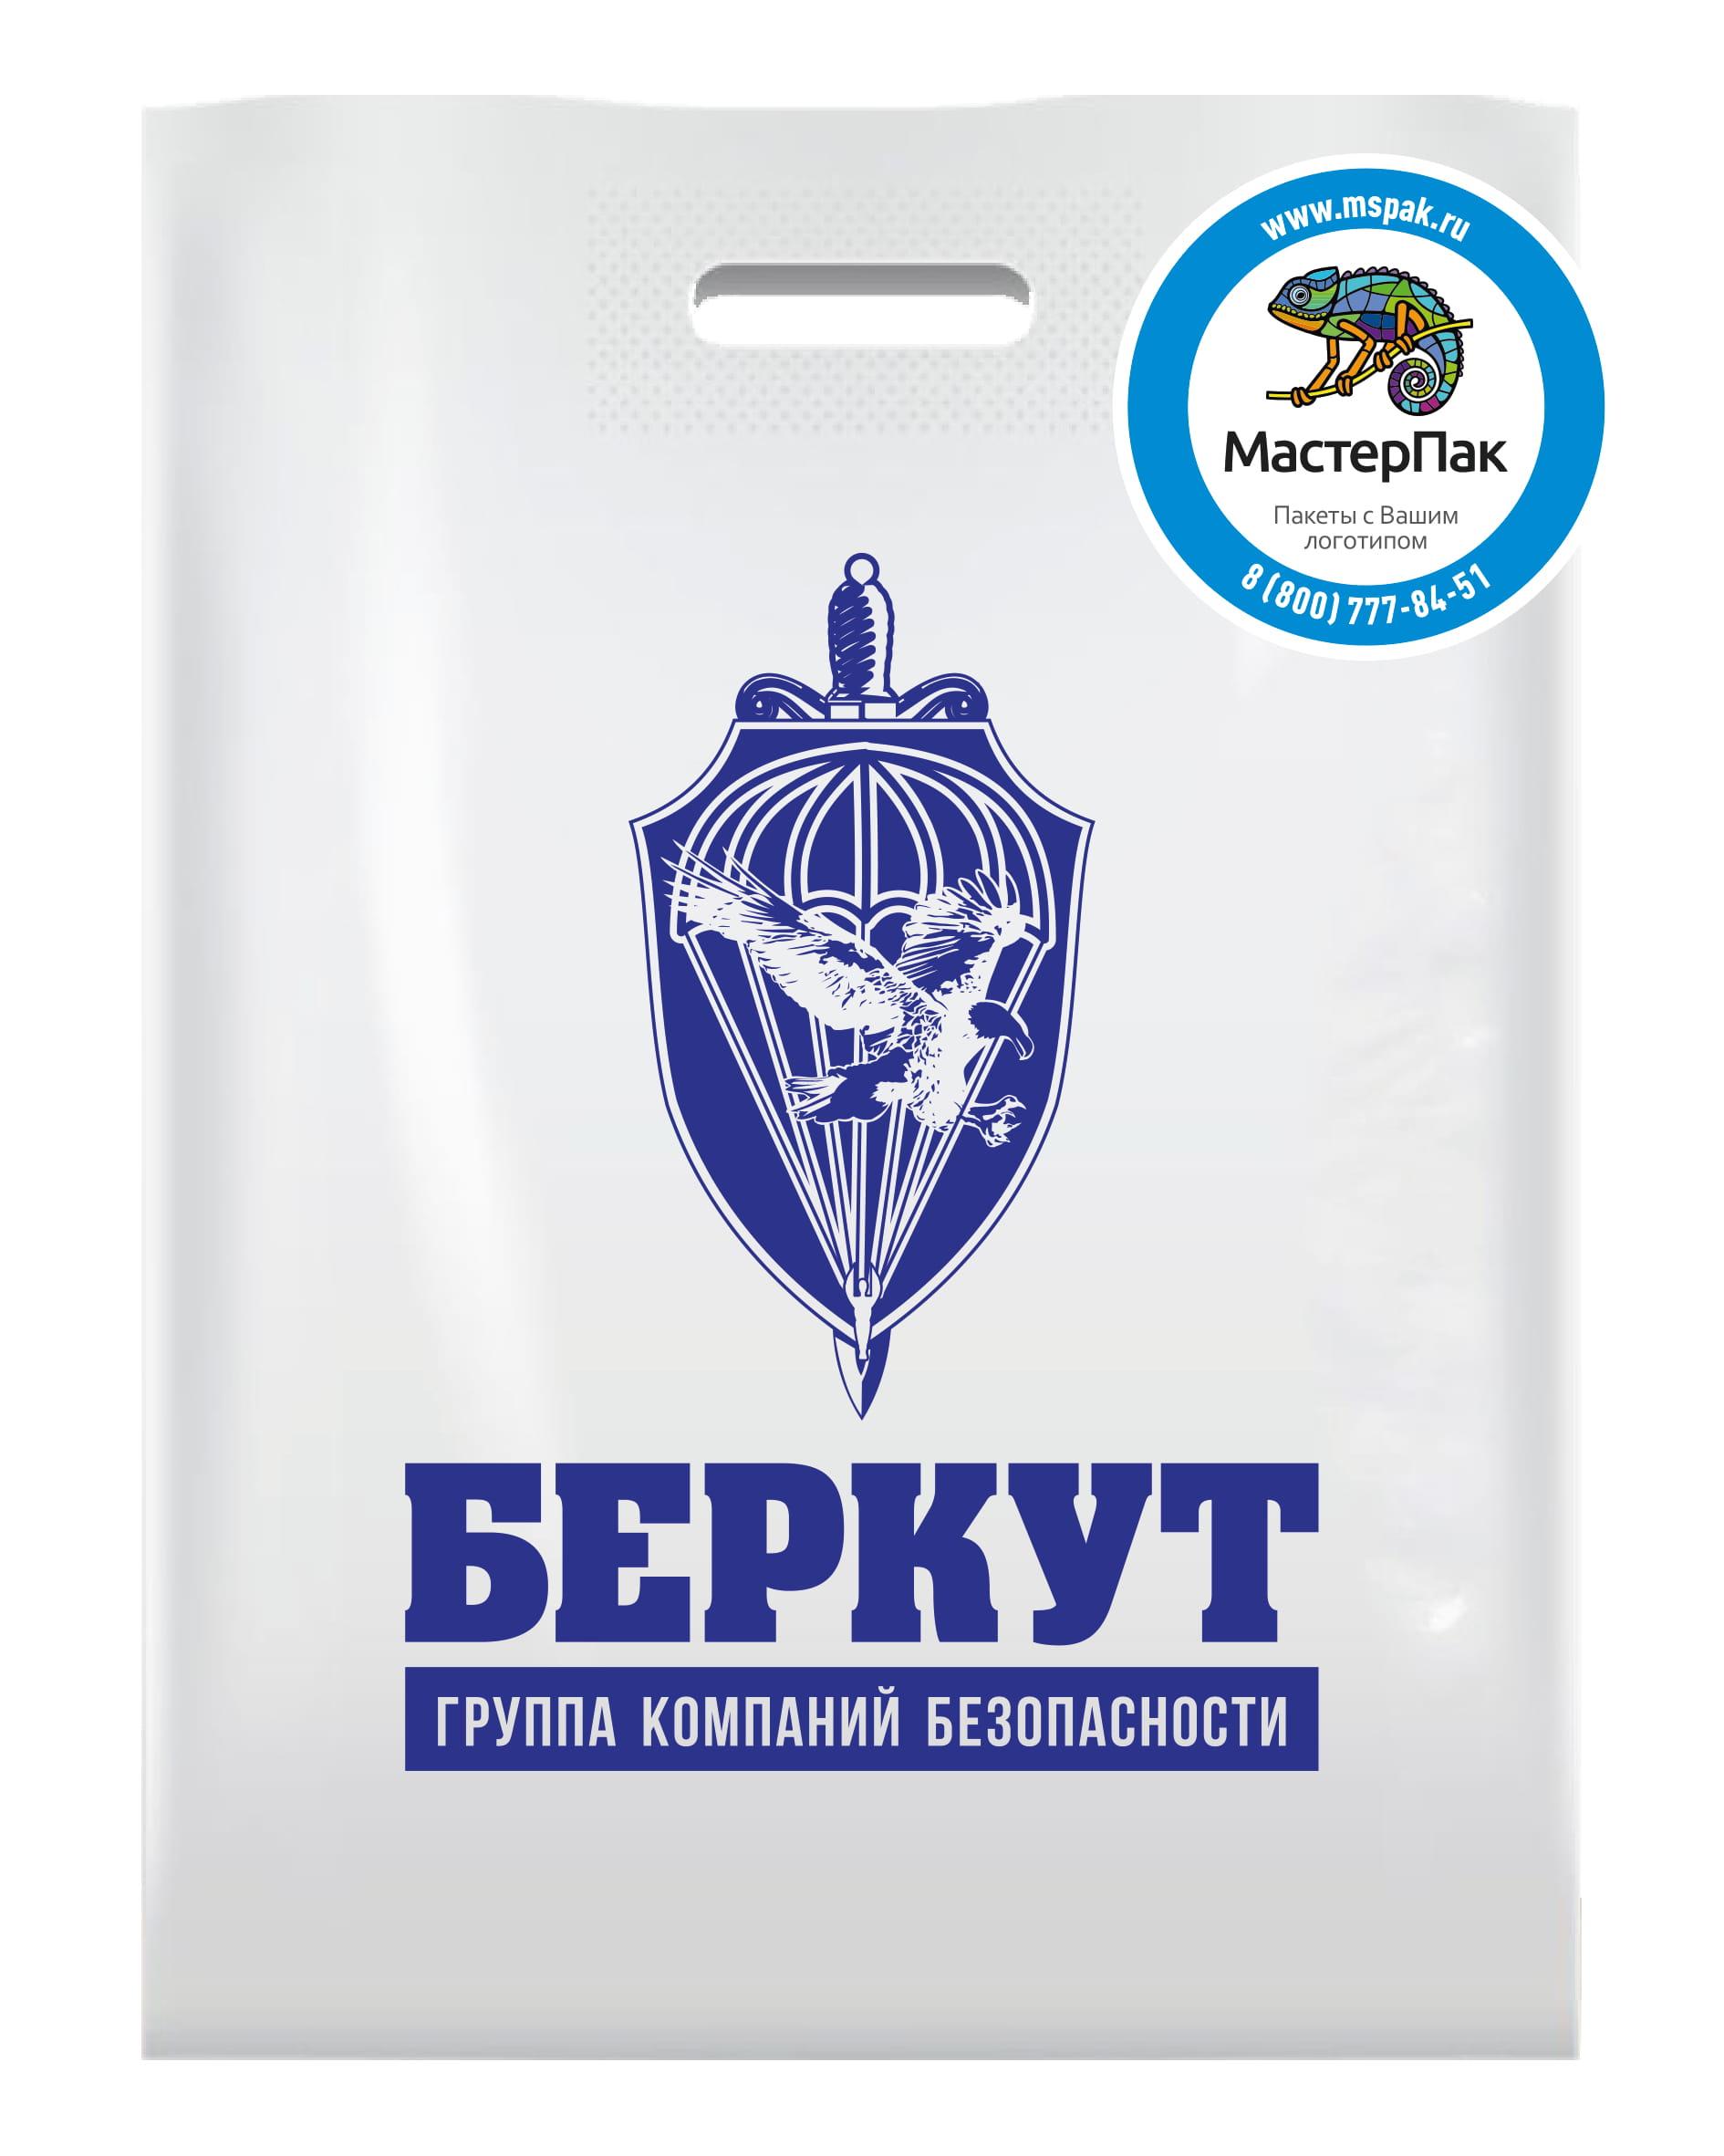 Пакет ПВД с логотипом Беркут, Спб, 70 мкм, 30*40 см, белый